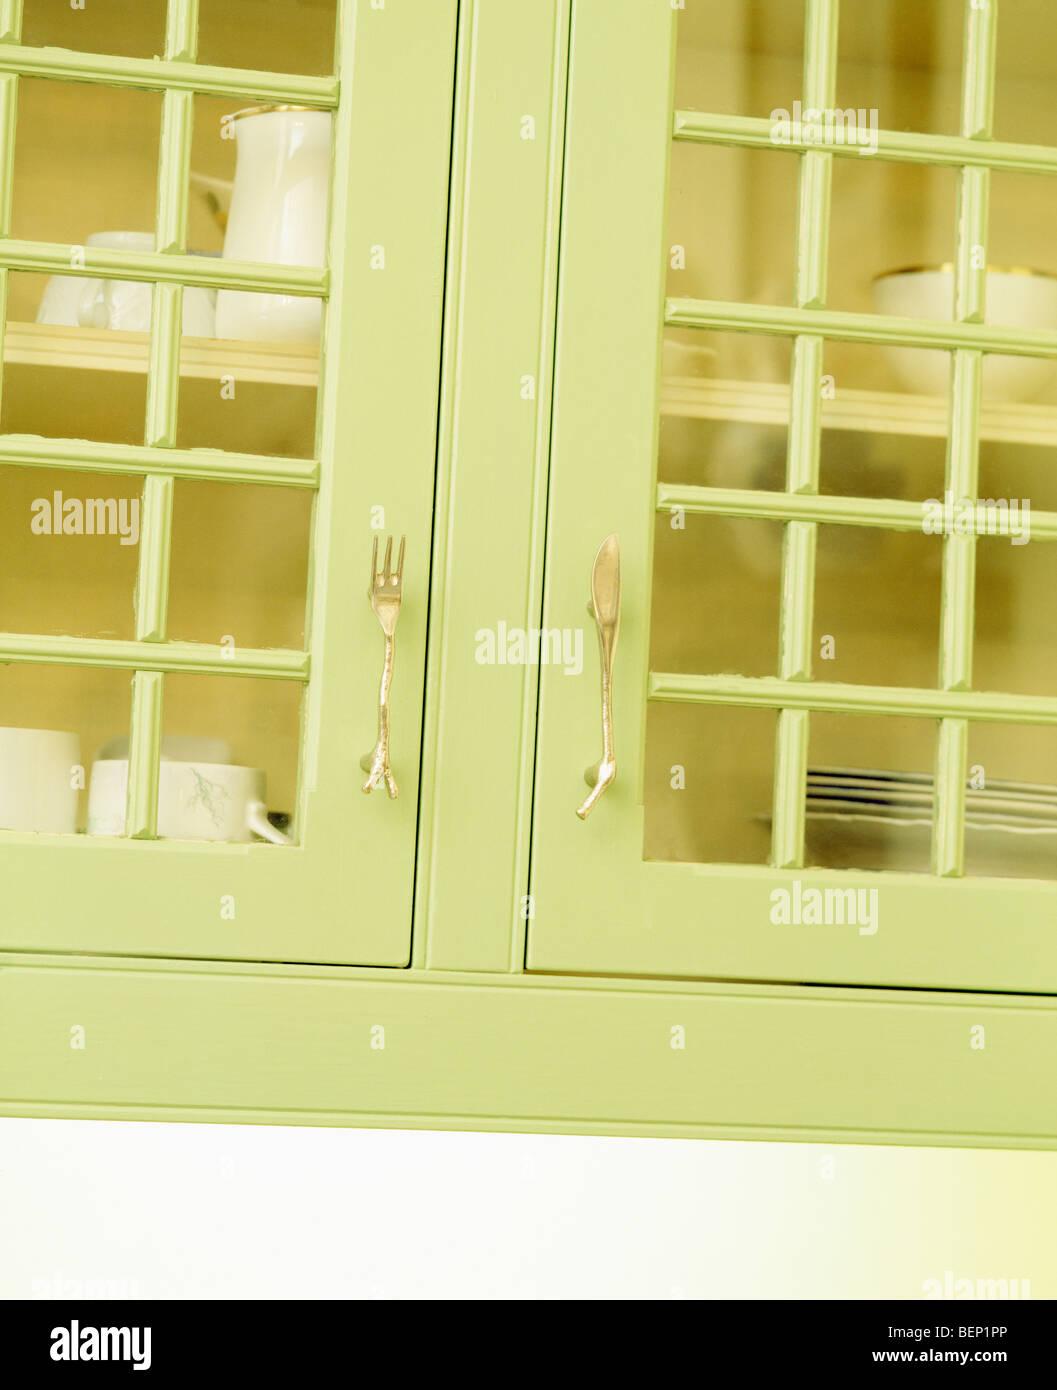 Nahaufnahme des grünen Küchenschrank mit Glastüren Stockfoto, Bild ...